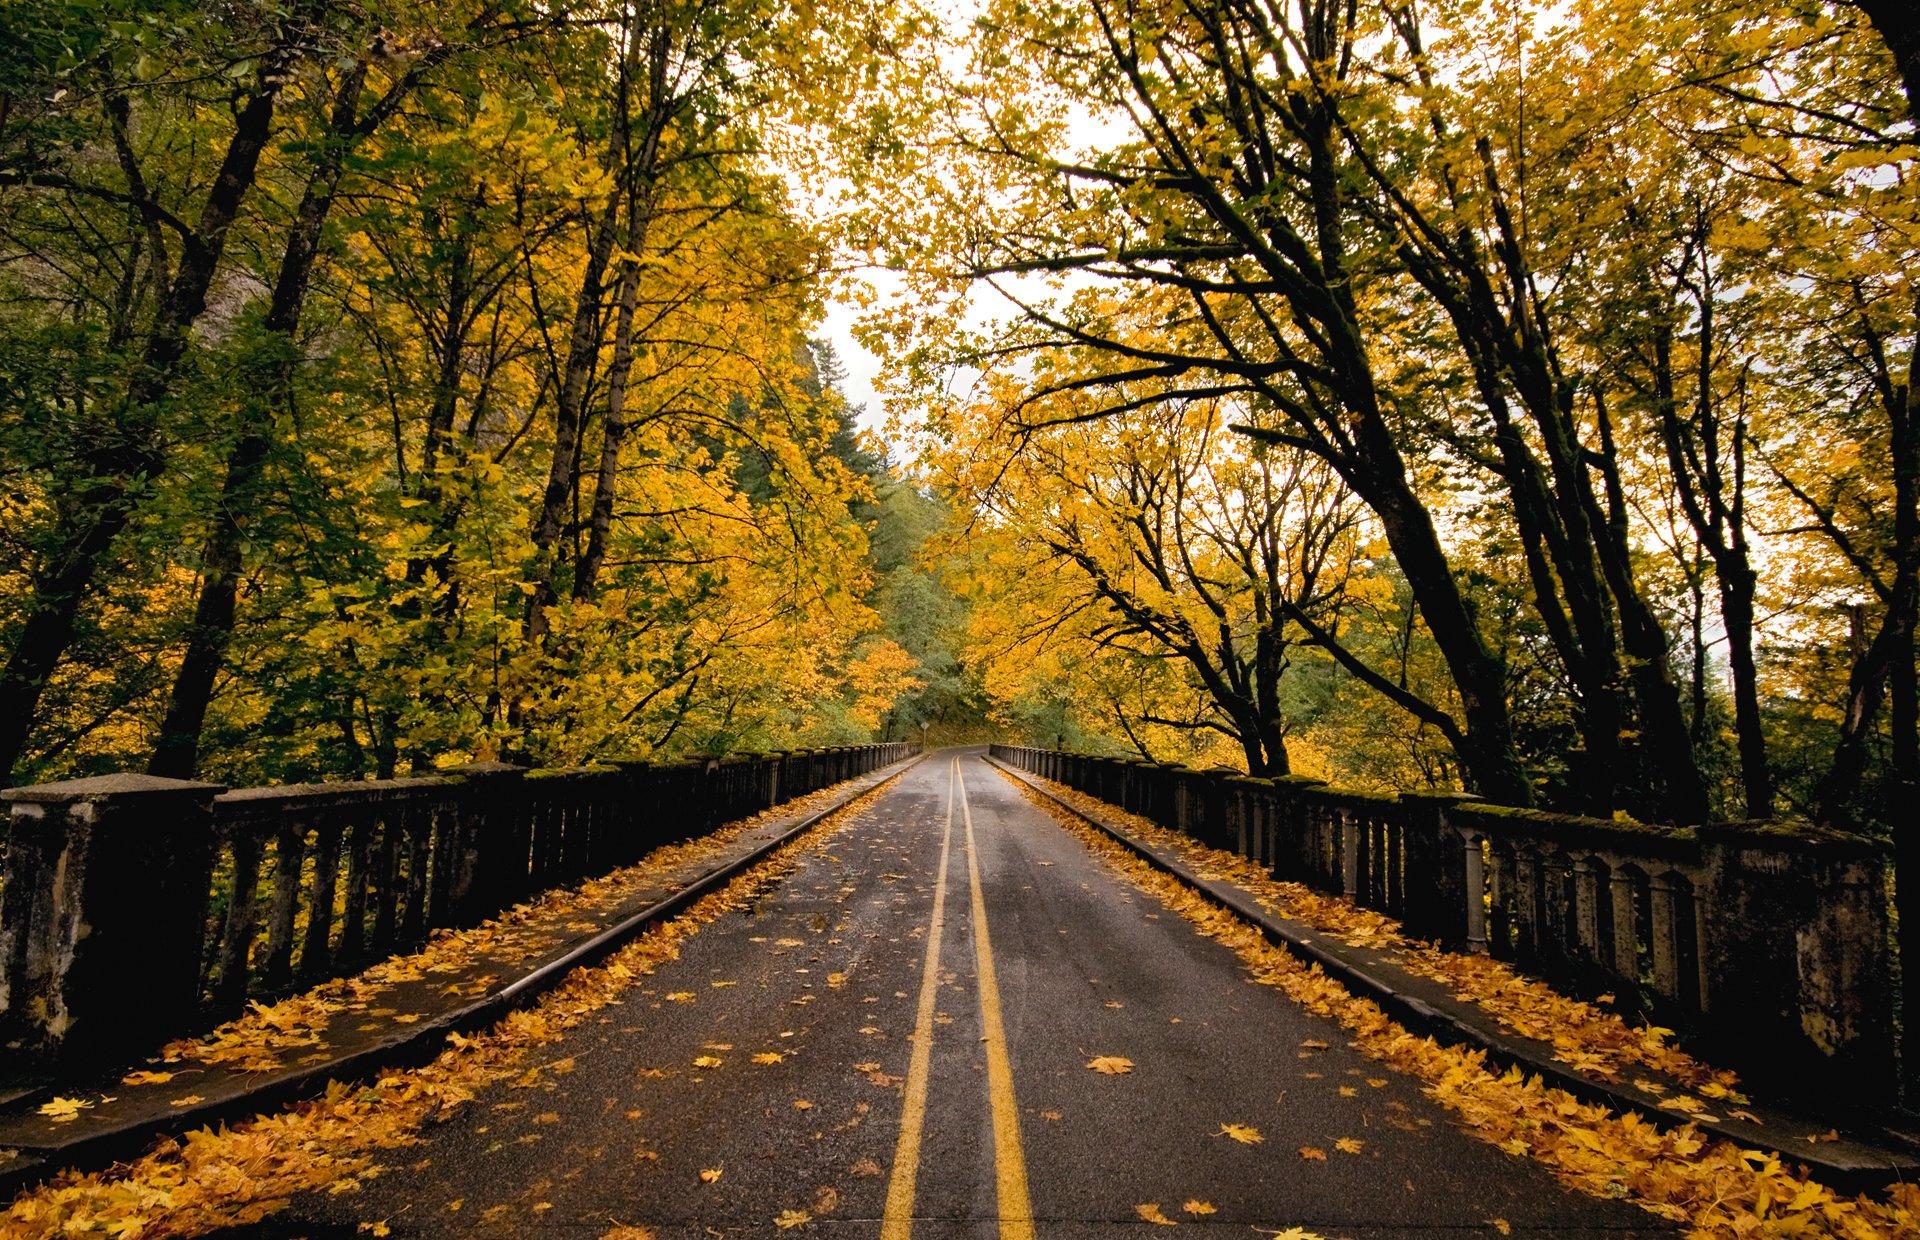 осень листья дорога бесплатно